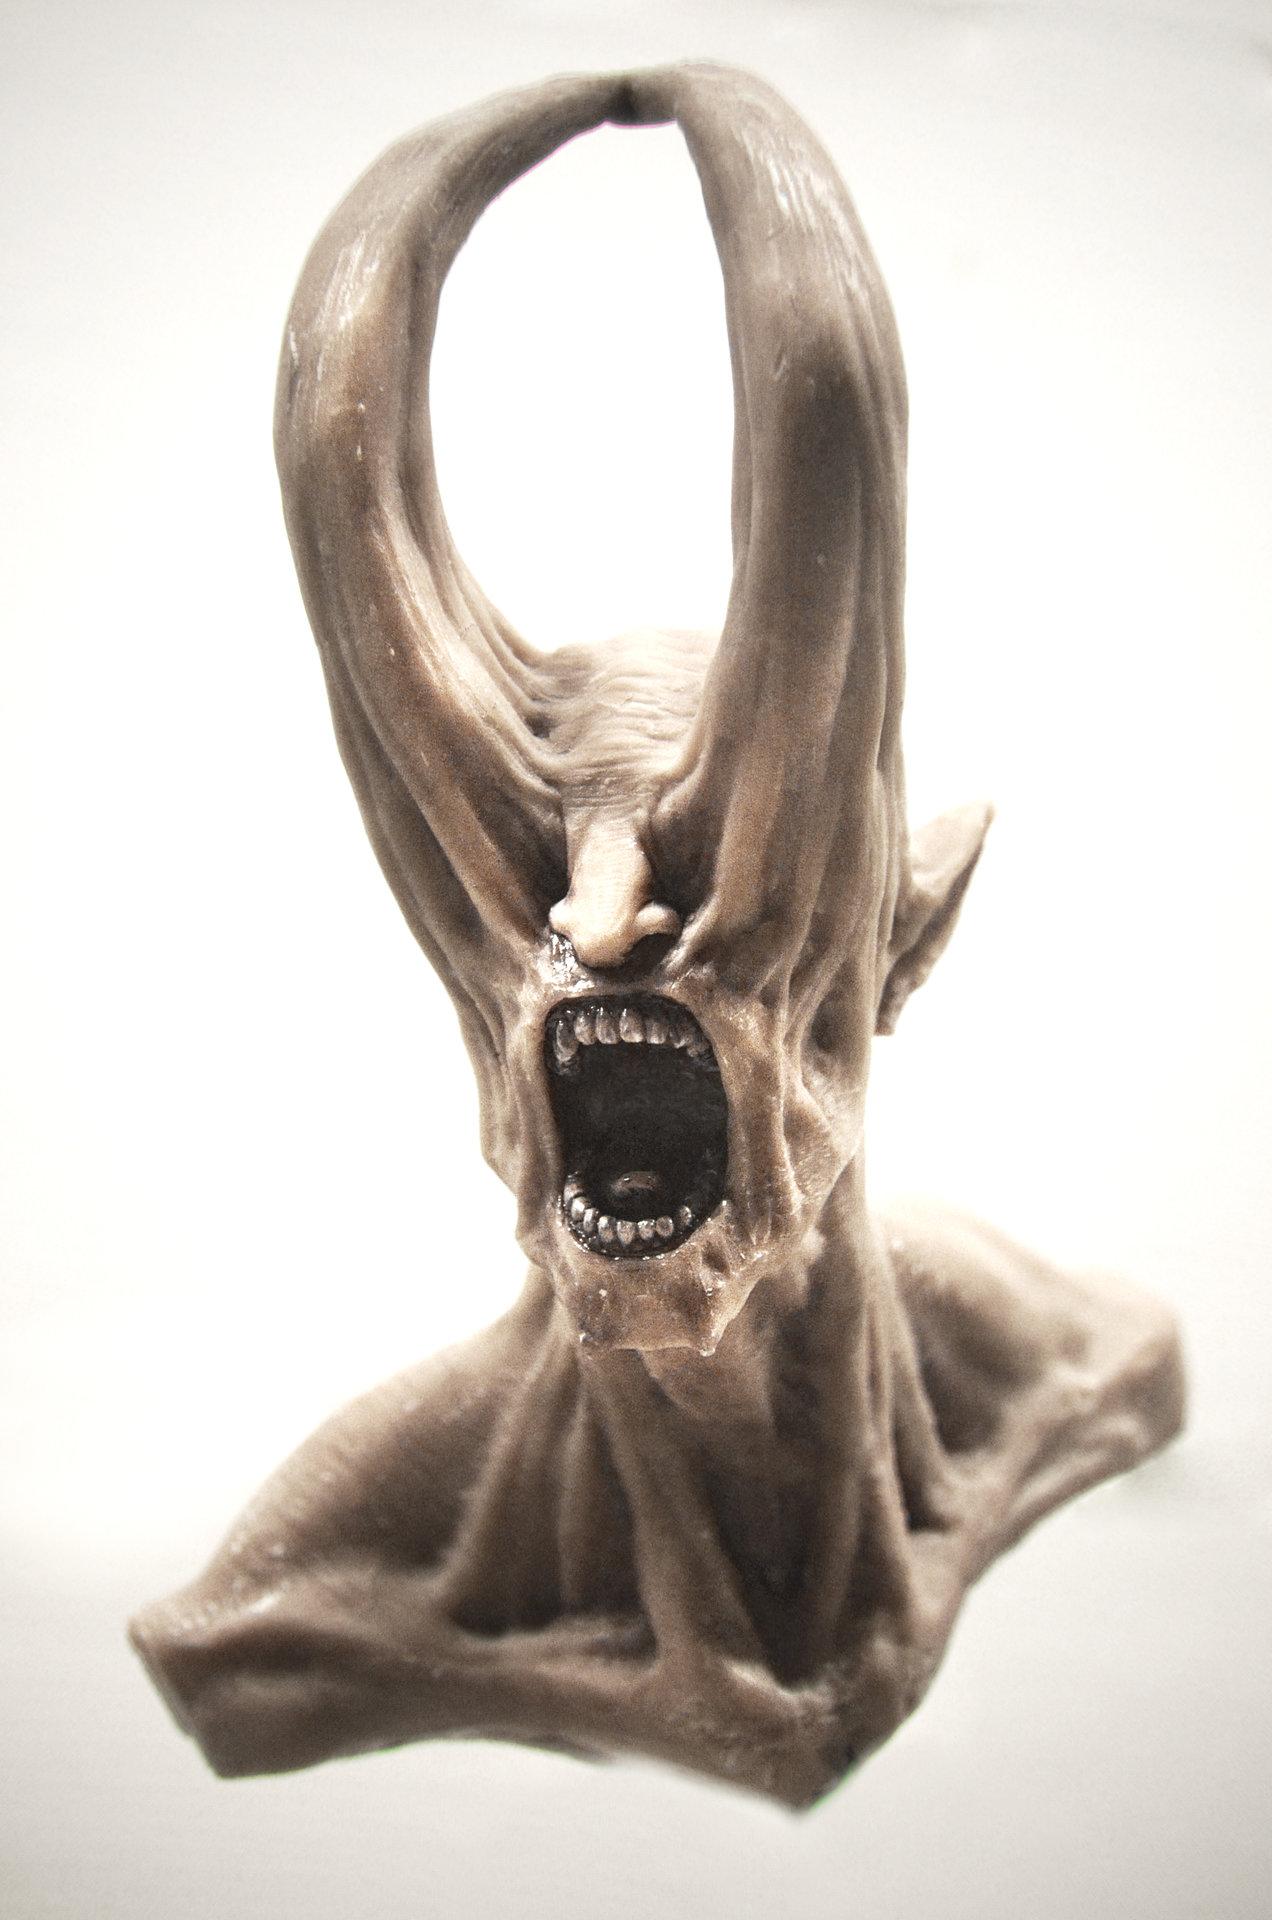 Jarold sng sculpt 01